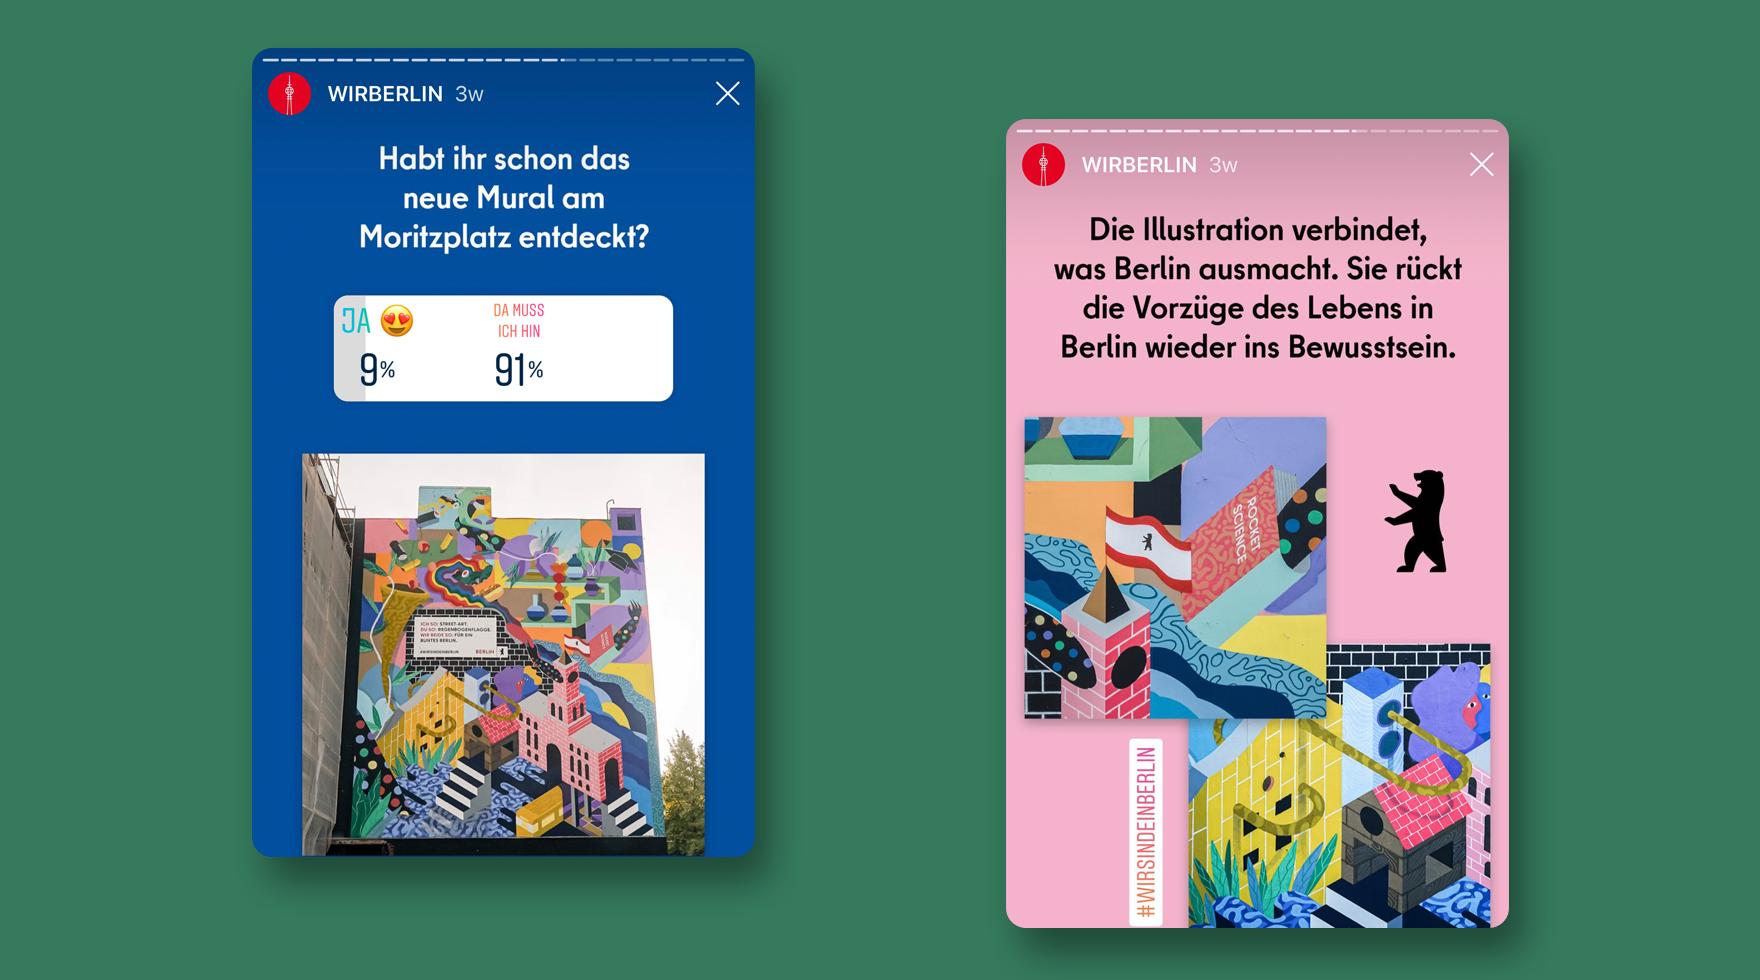 instagram-story-social-media-agentur-wir-berlin